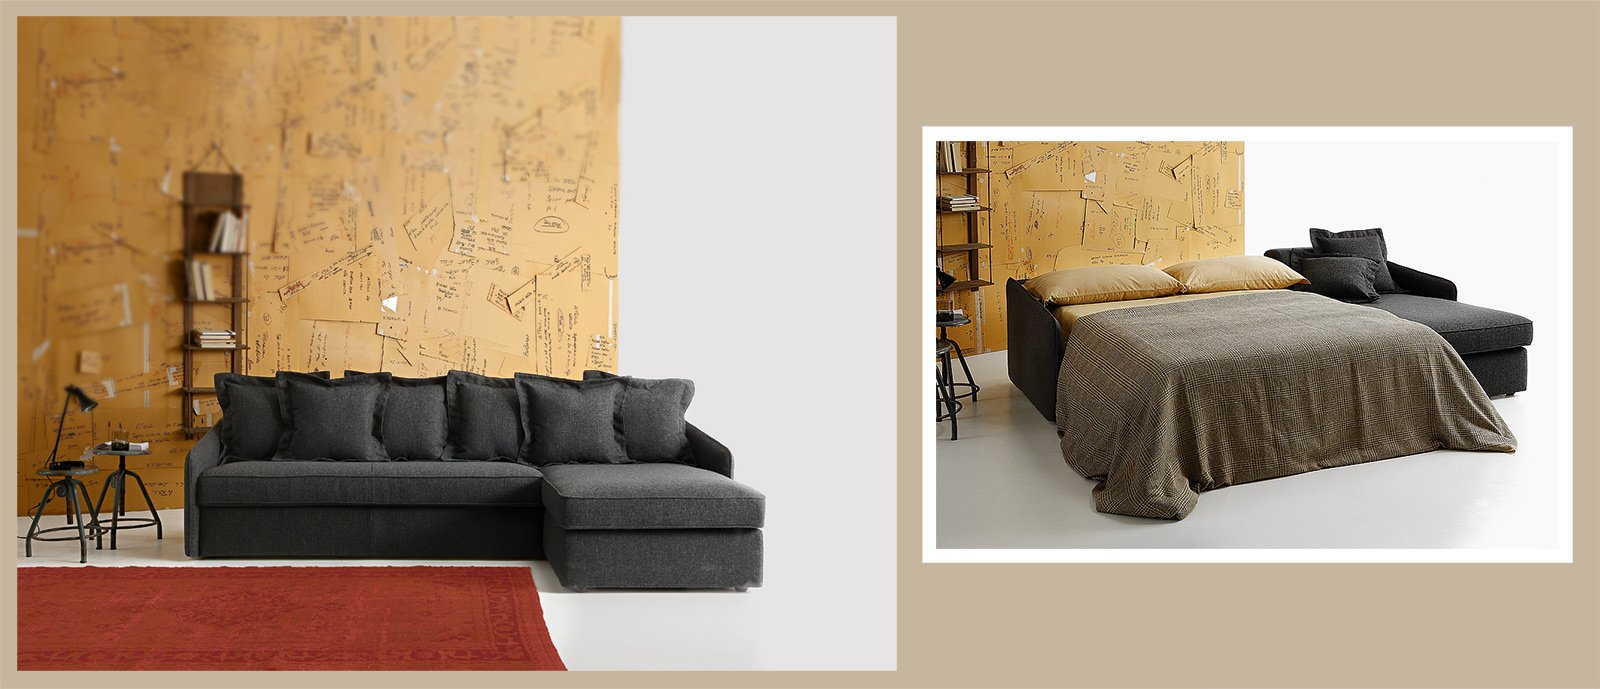 Divano o letto imbottiti trasformabili cose di casa - Spalliera letto con cuscini ...